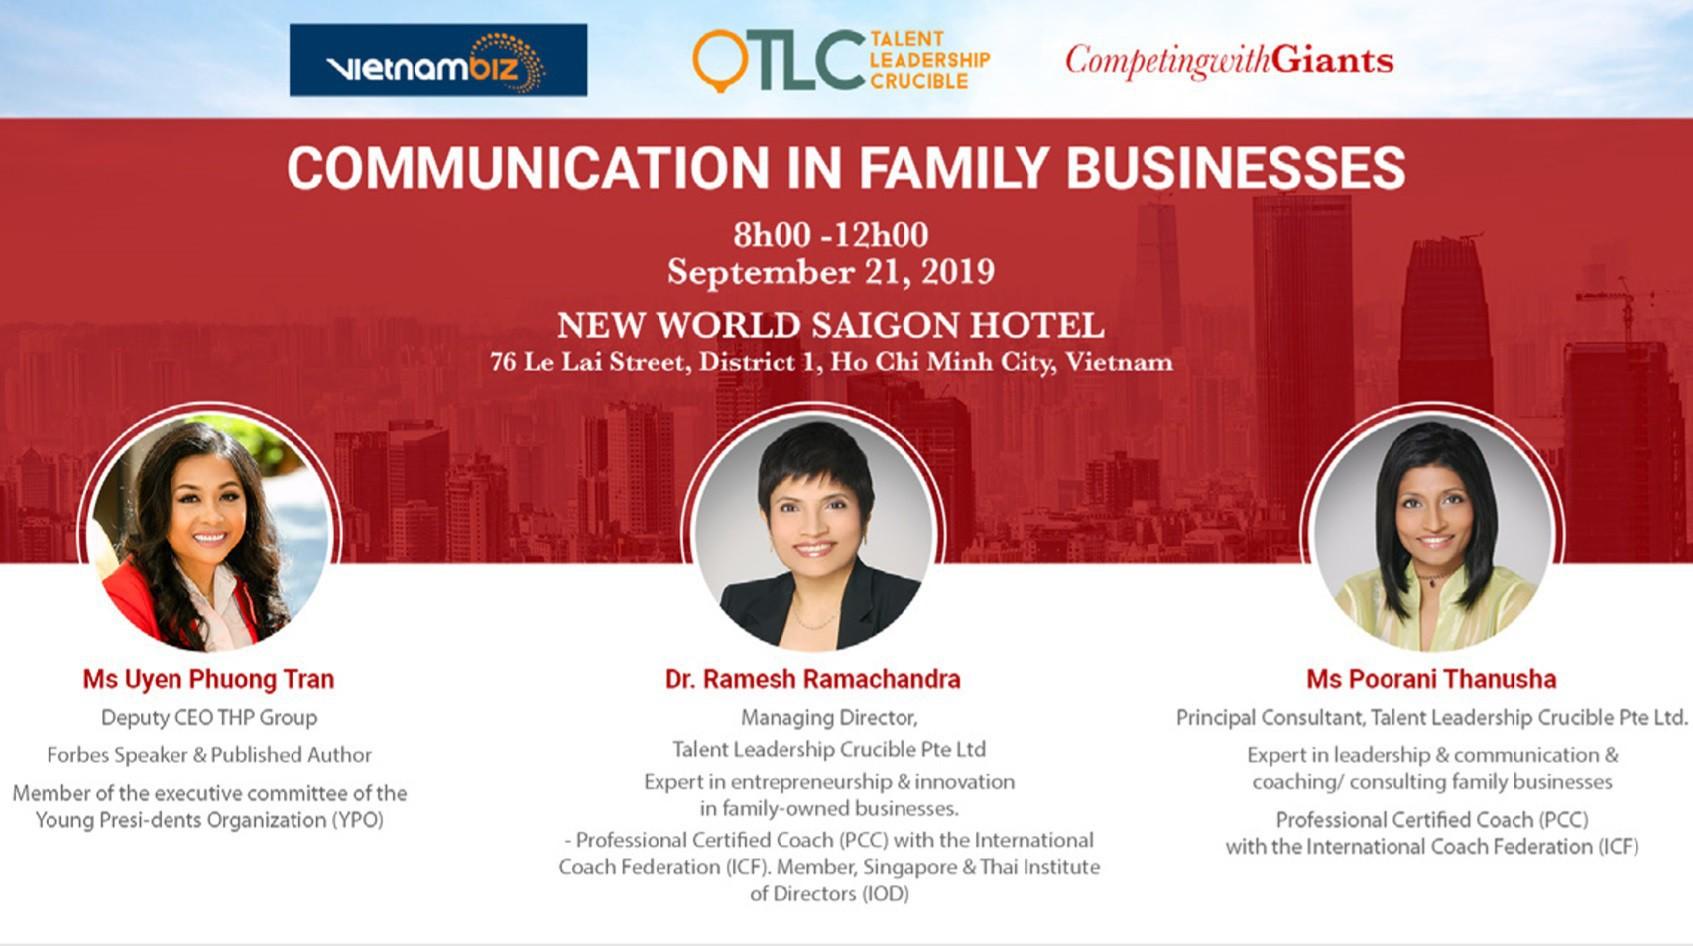 Hội thảo 'Truyền thông trong doanh nghiệp gia đình': nơi gỡ rối cho những người chủ và con cái trong công ty gia đình - Ảnh 1.